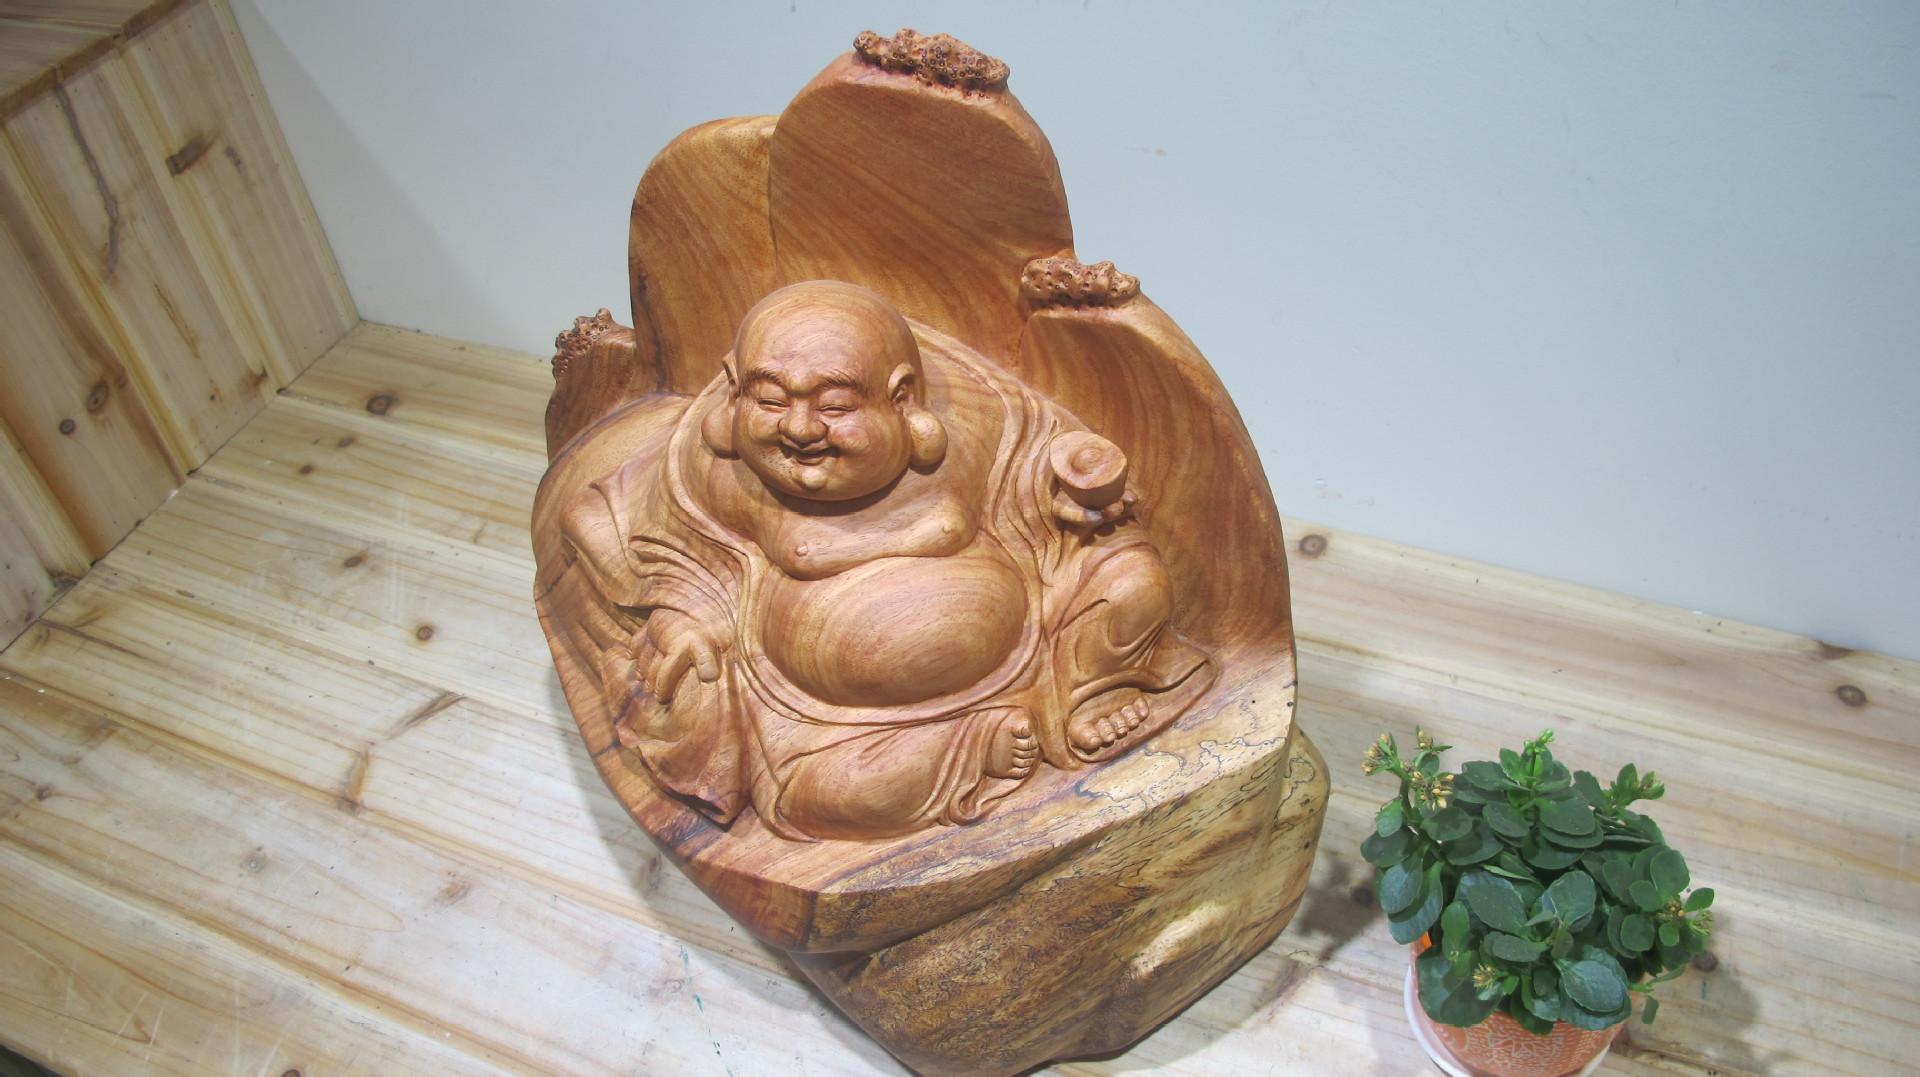 勒佛 家居小件根雕 手工工艺品 现货 -价格,厂家,图片,木质 竹质